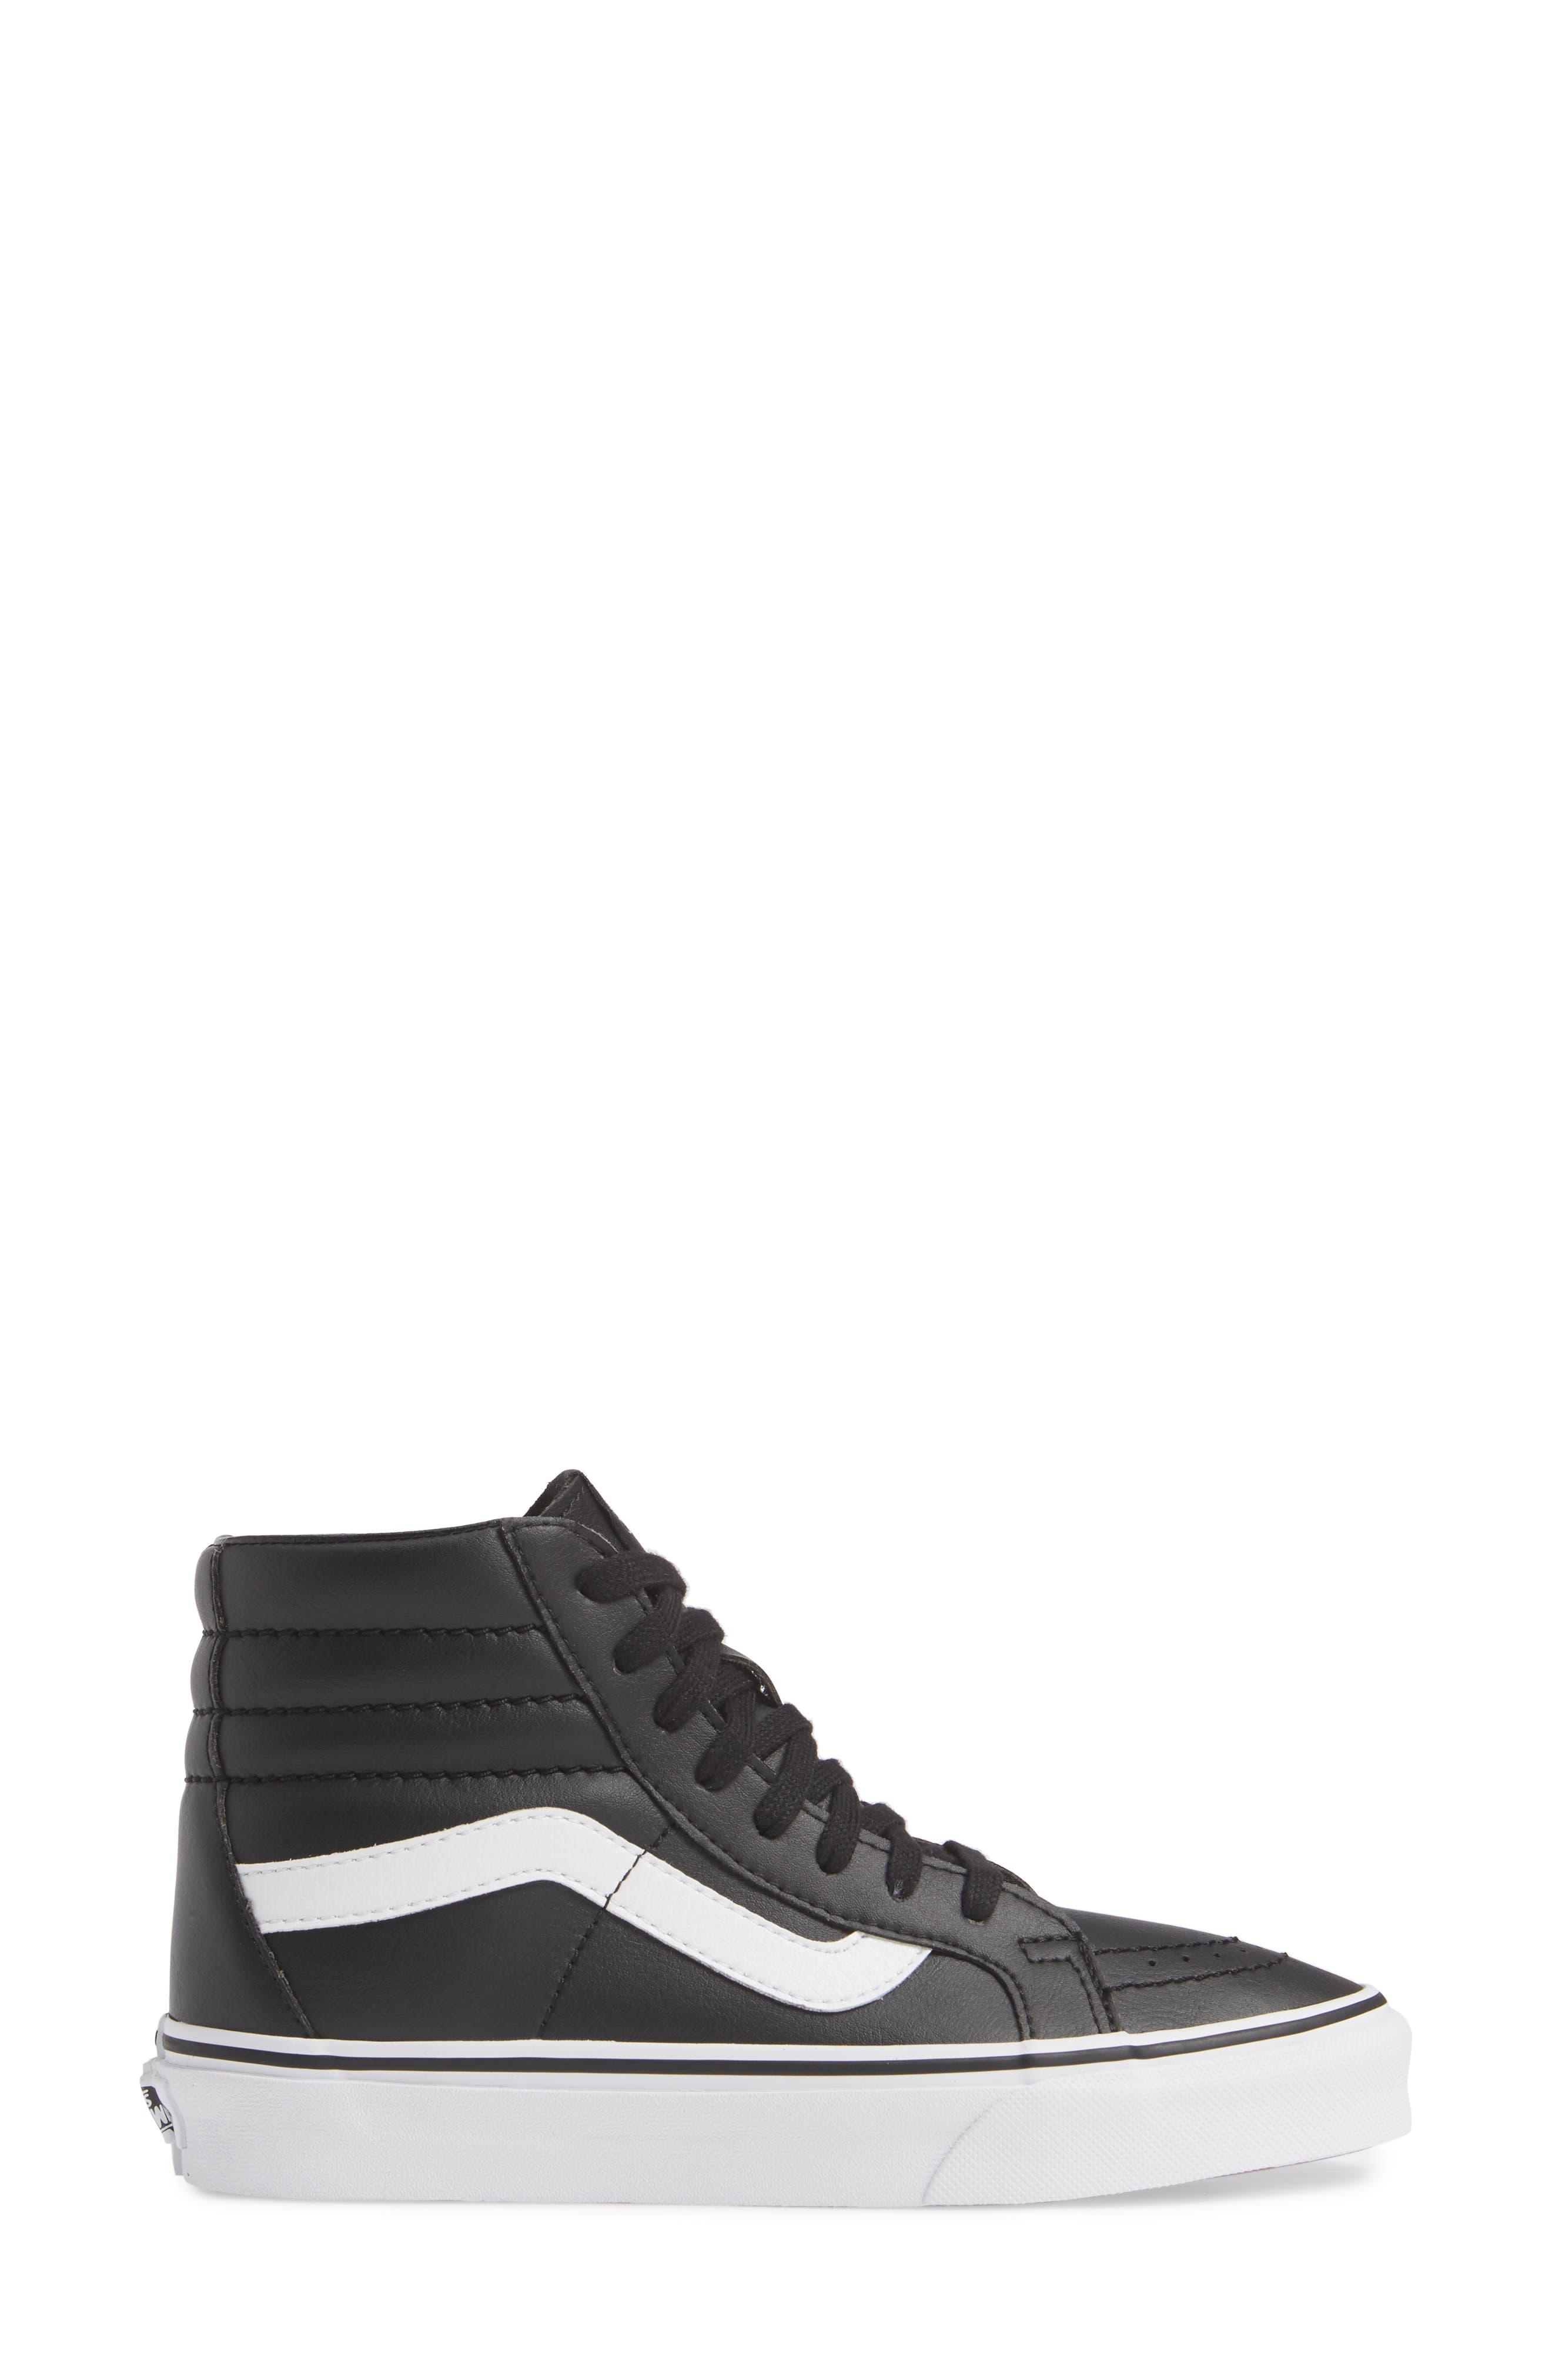 VANS,                             'Sk8-Hi Reissue' Sneaker,                             Alternate thumbnail 3, color,                             BLACK/ TRUE WHITE